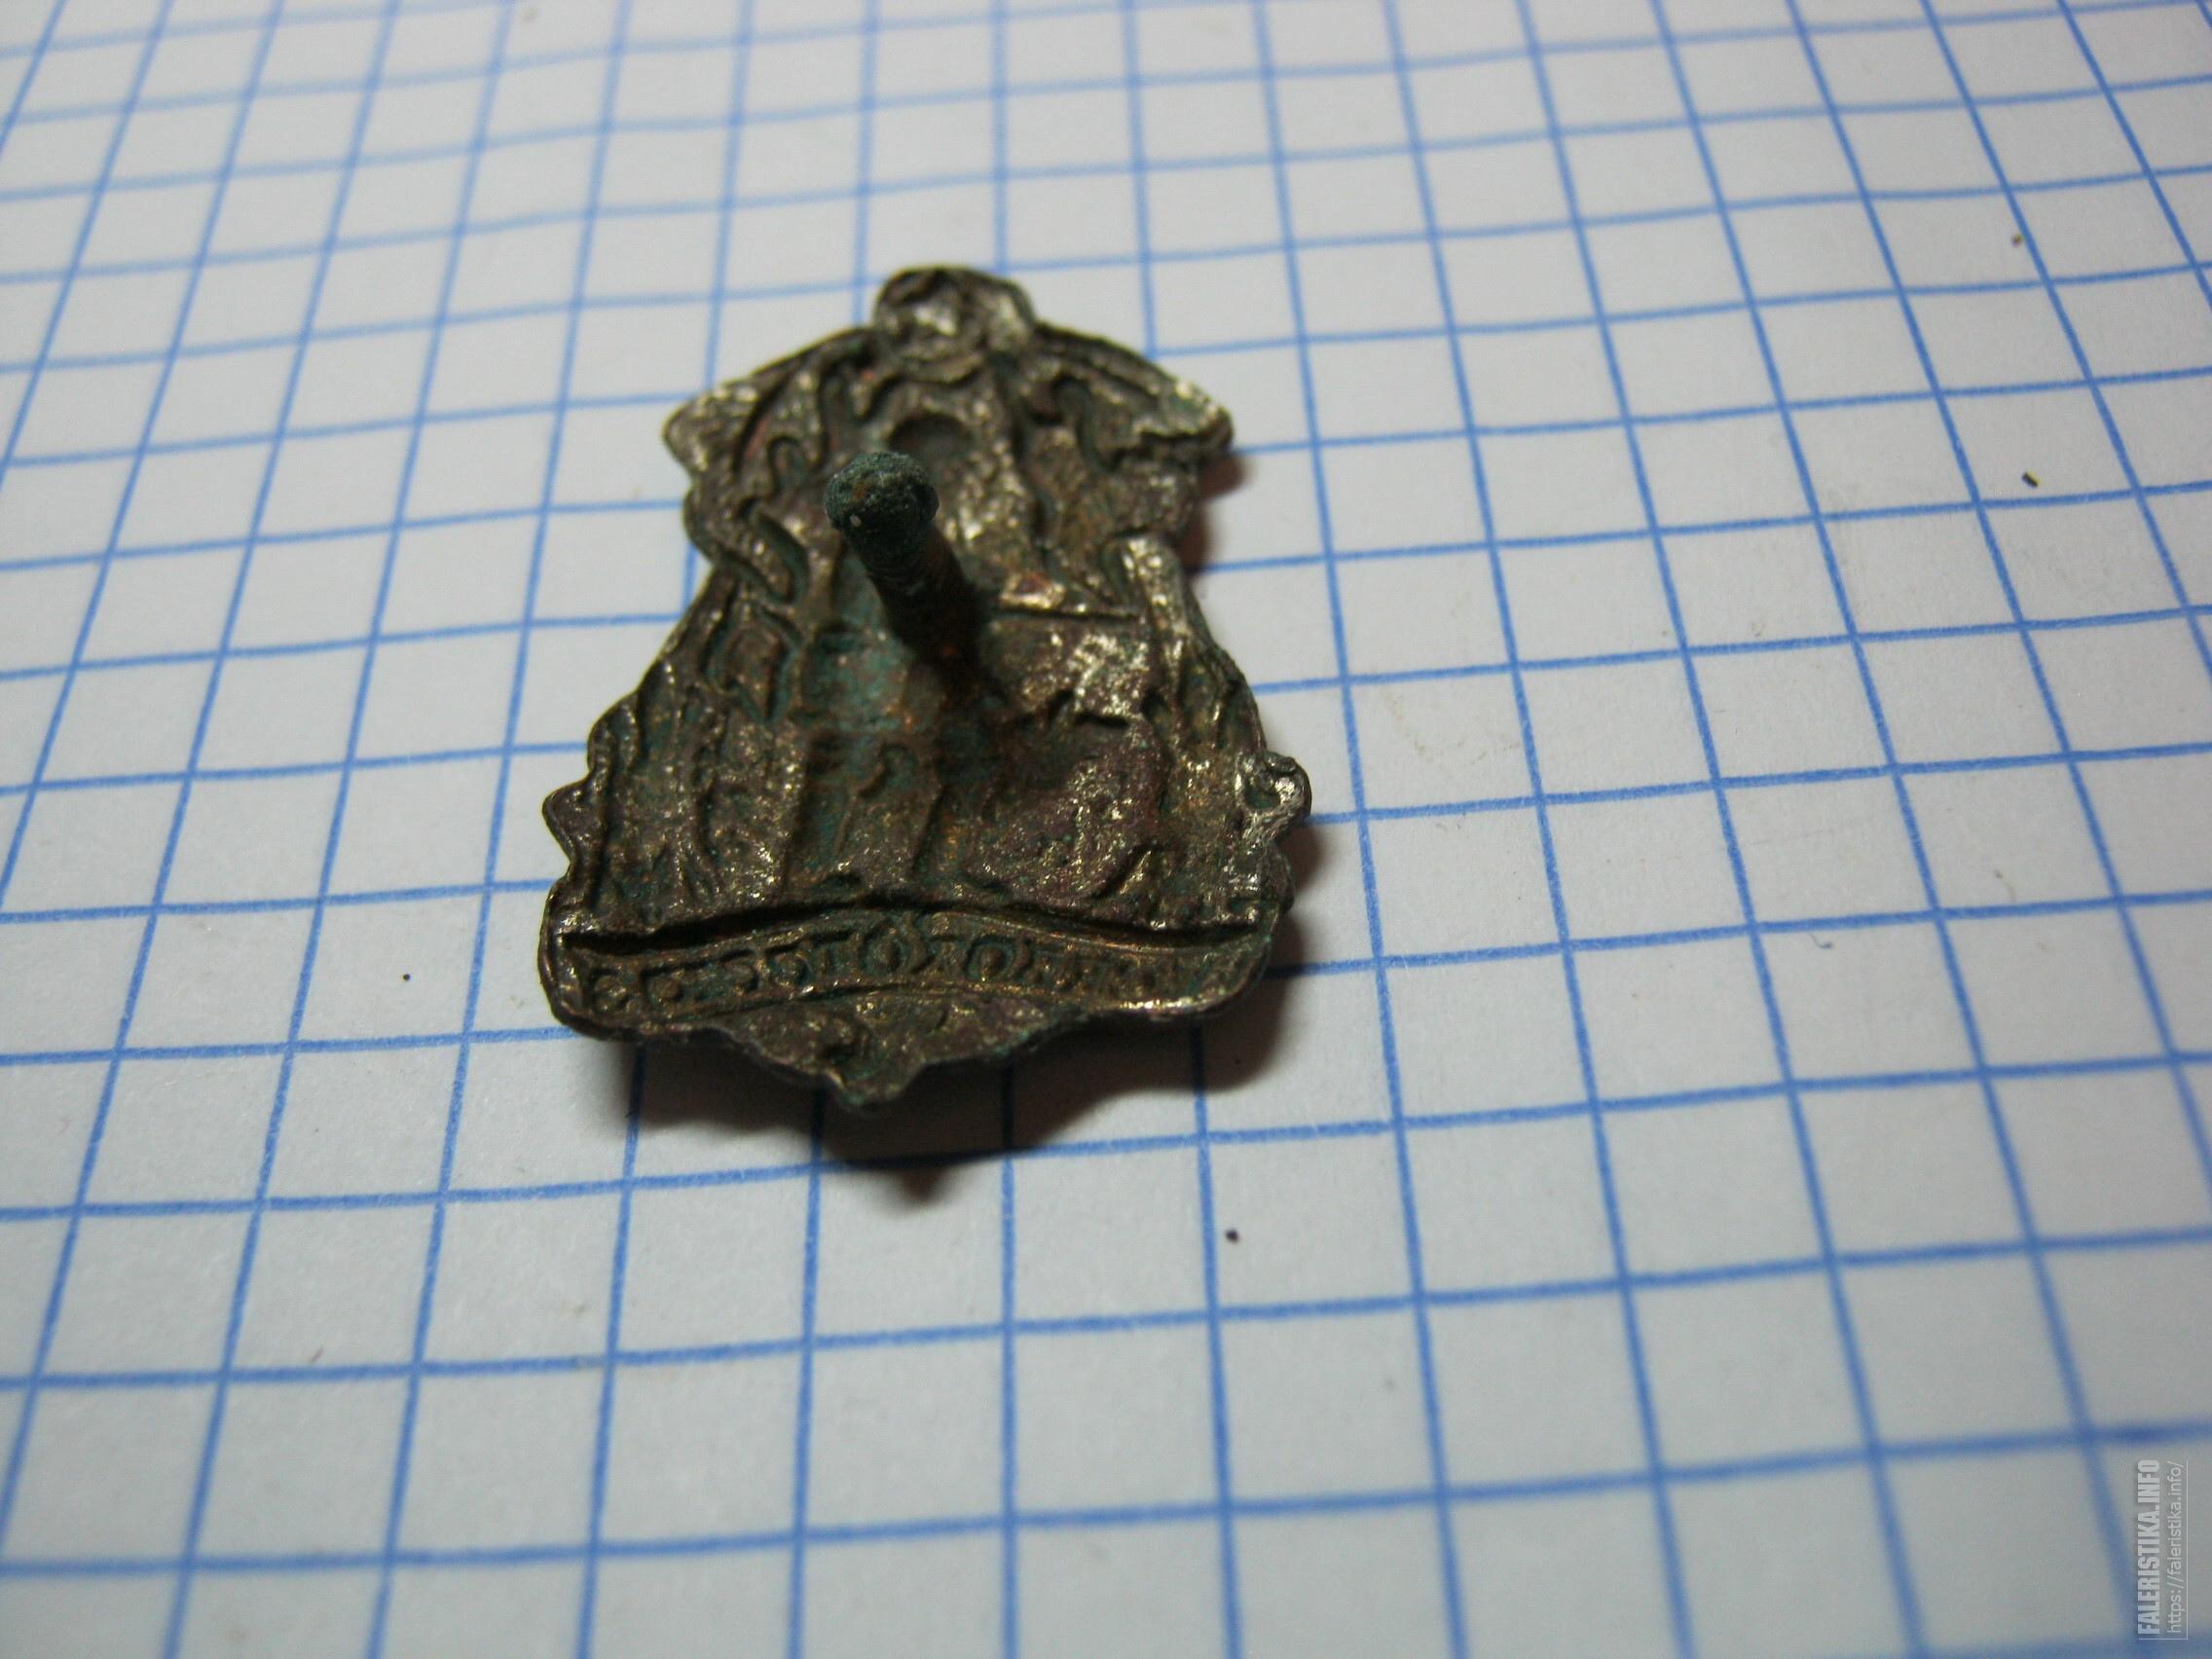 pimpandhost.com an-58$ imagesize:2272x1704